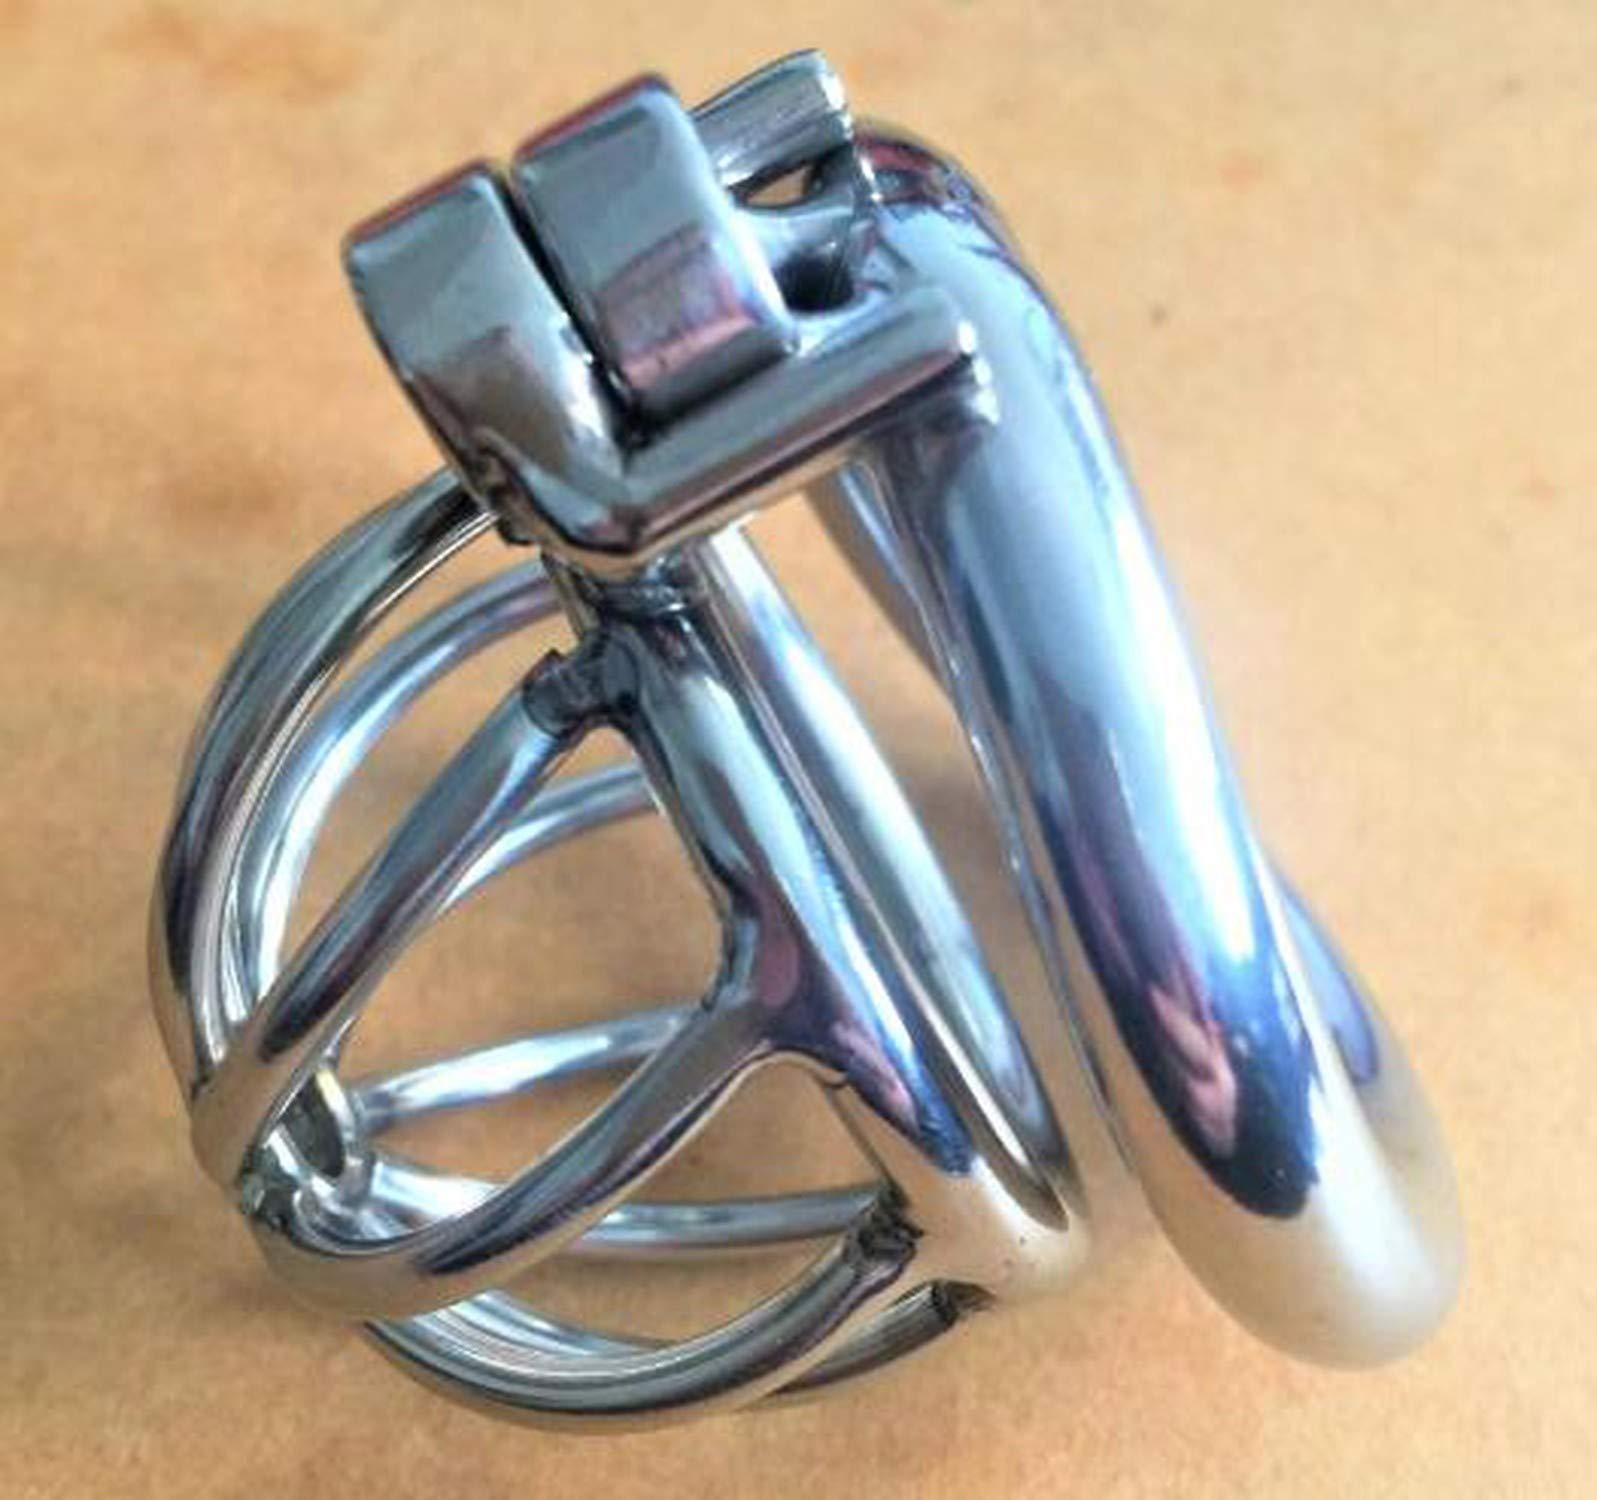 TShirt+TJAZV Male Chašt-ity Screw Lock Ergonomic Stainlešs Steel Male Chá-štity Dēvicē Super Small Cōck Càge Pênǐs Lock Cōck Rīng Chá-štity Belt S070,40mm